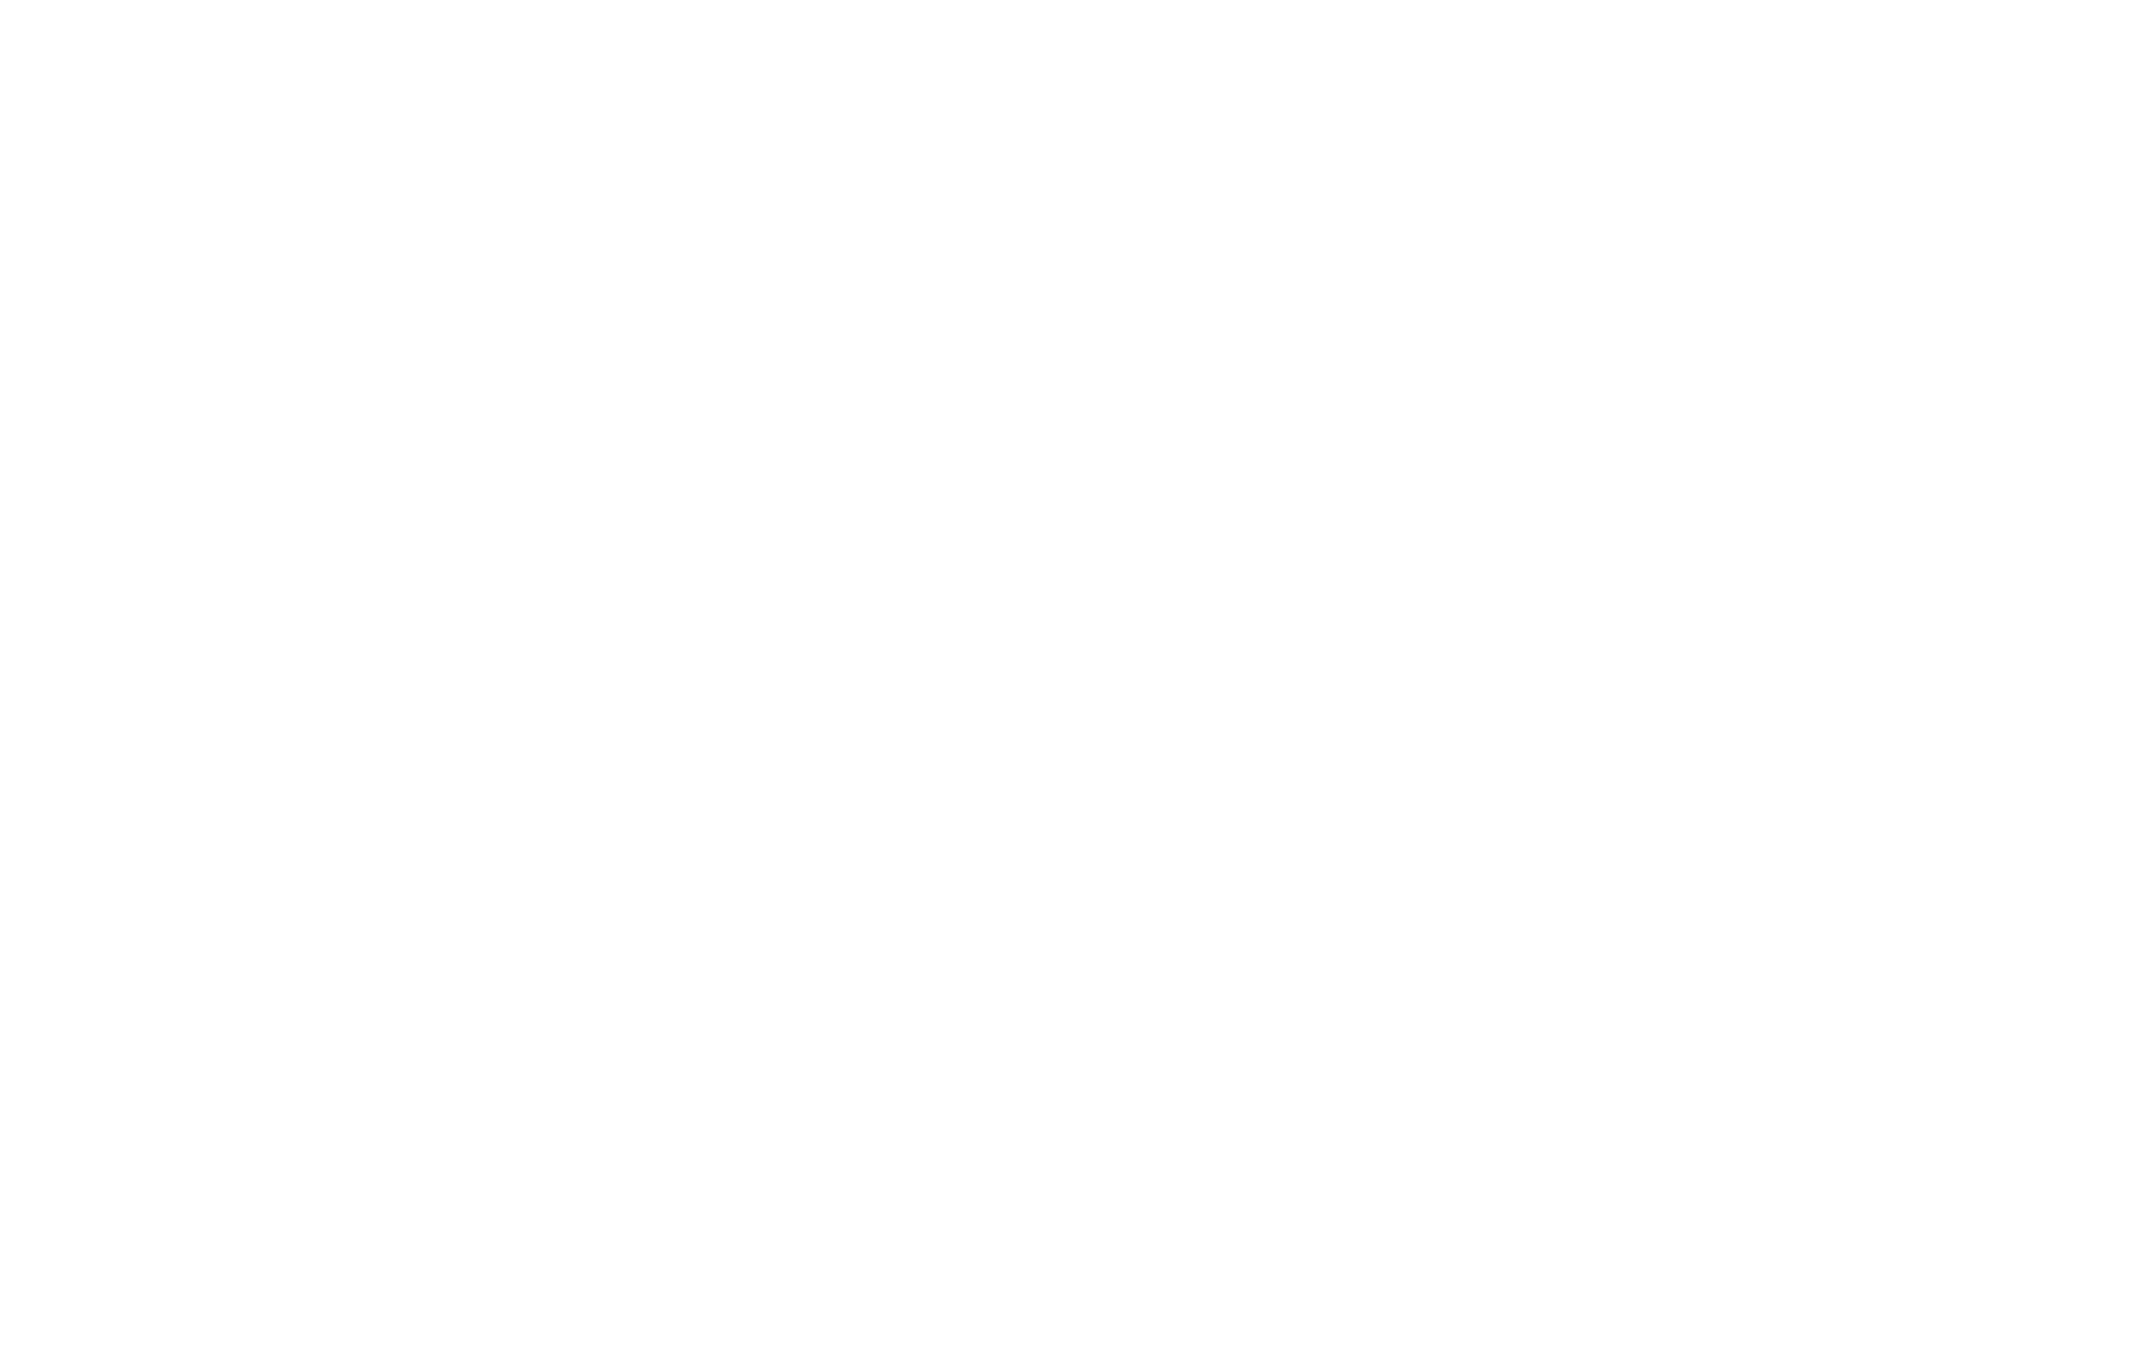 LVPEI white Logo